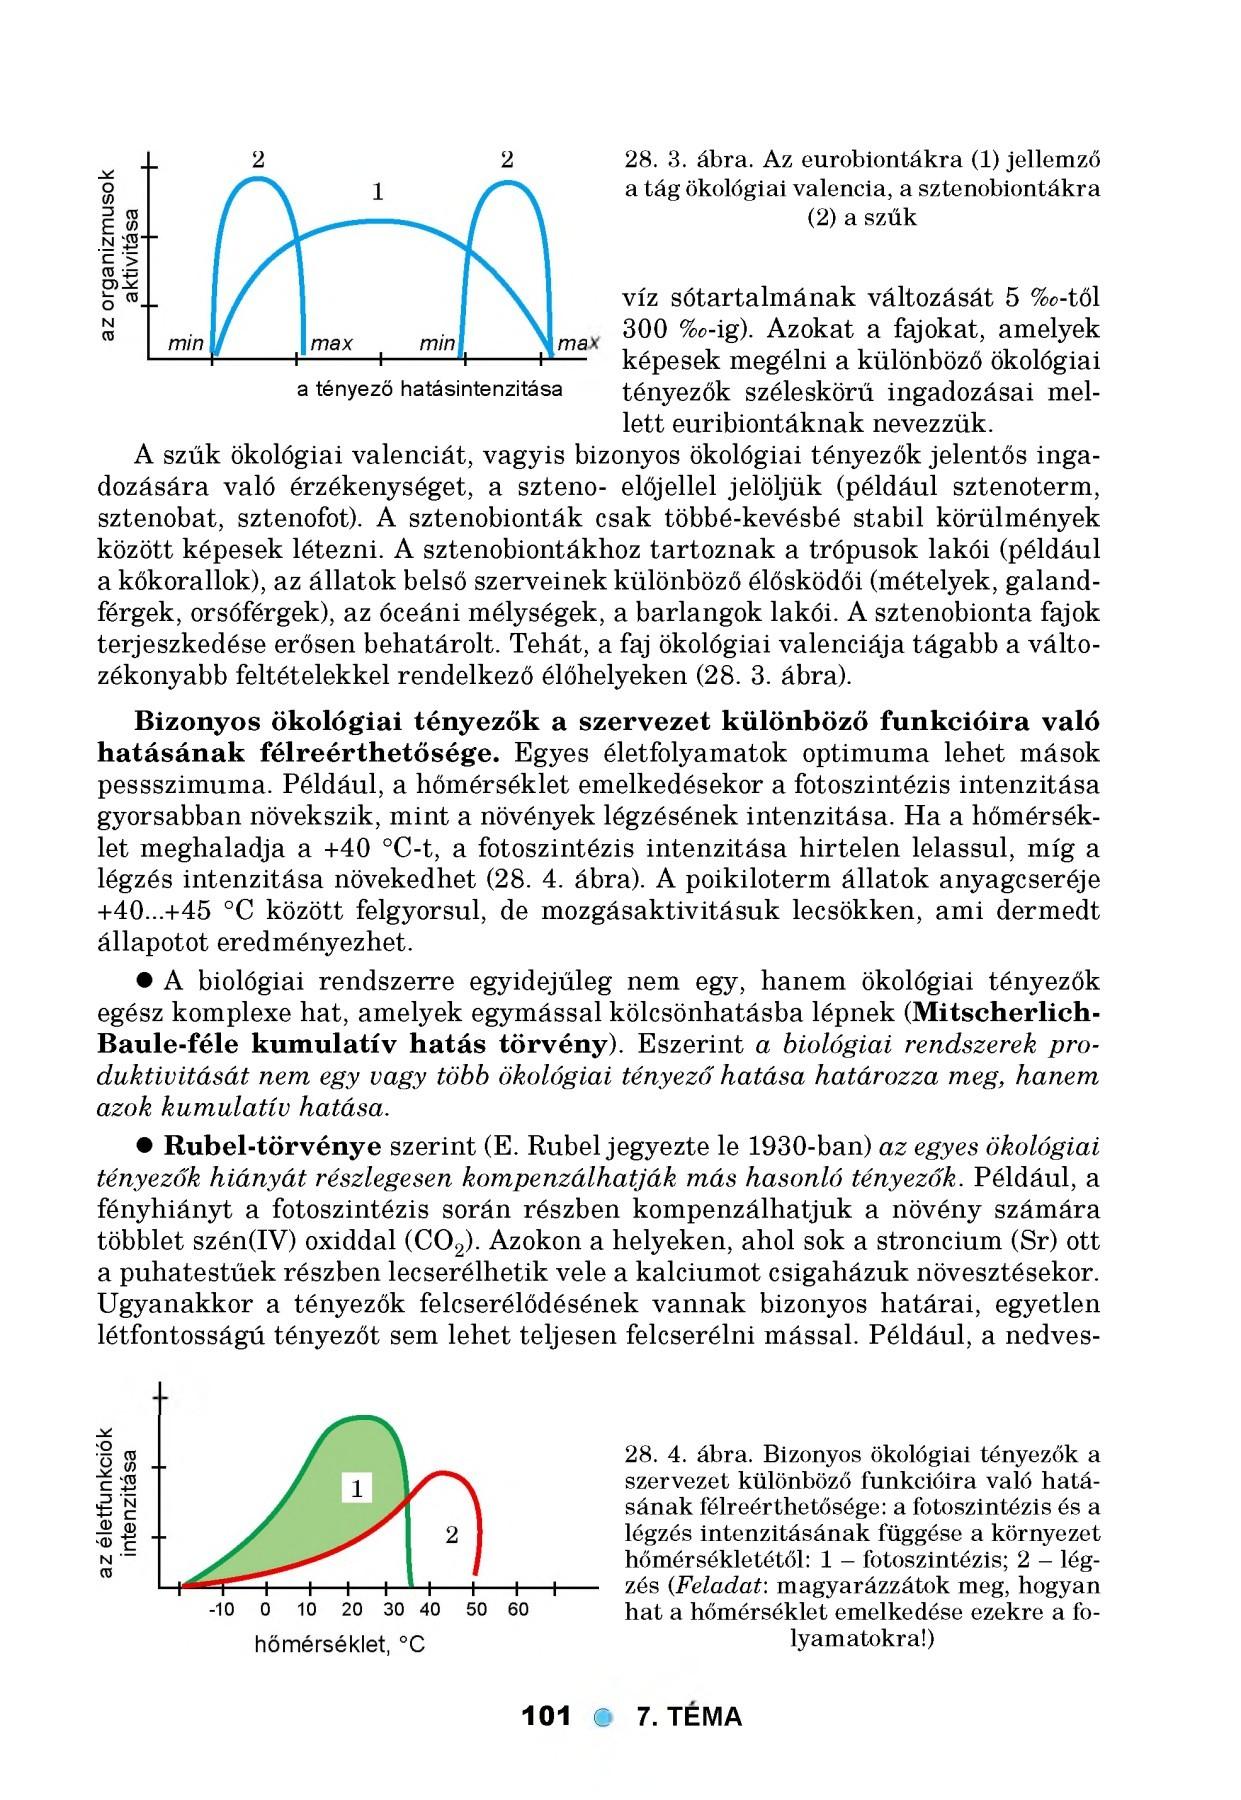 Parazita eliminációs sémák, Belső élősködők, amelyek az emberre is veszélyesek lehetnek